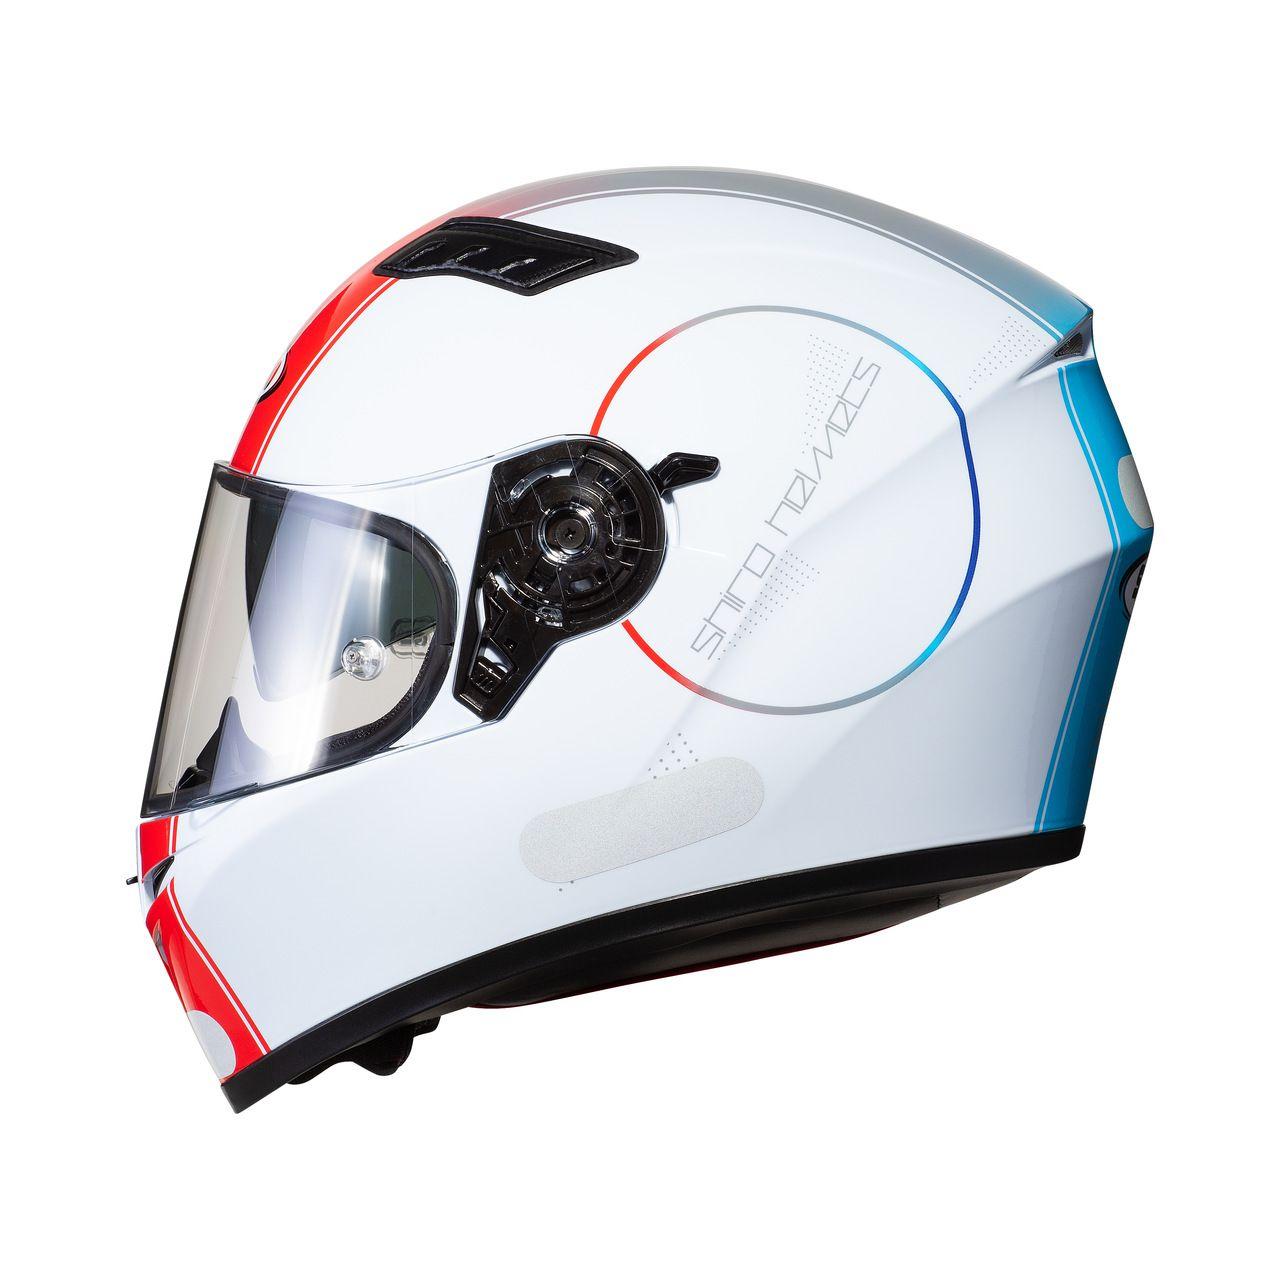 Capacete Shiro Integral Strada com Óculos Interno SH-600 Robotic Branco Vermelho e Azul